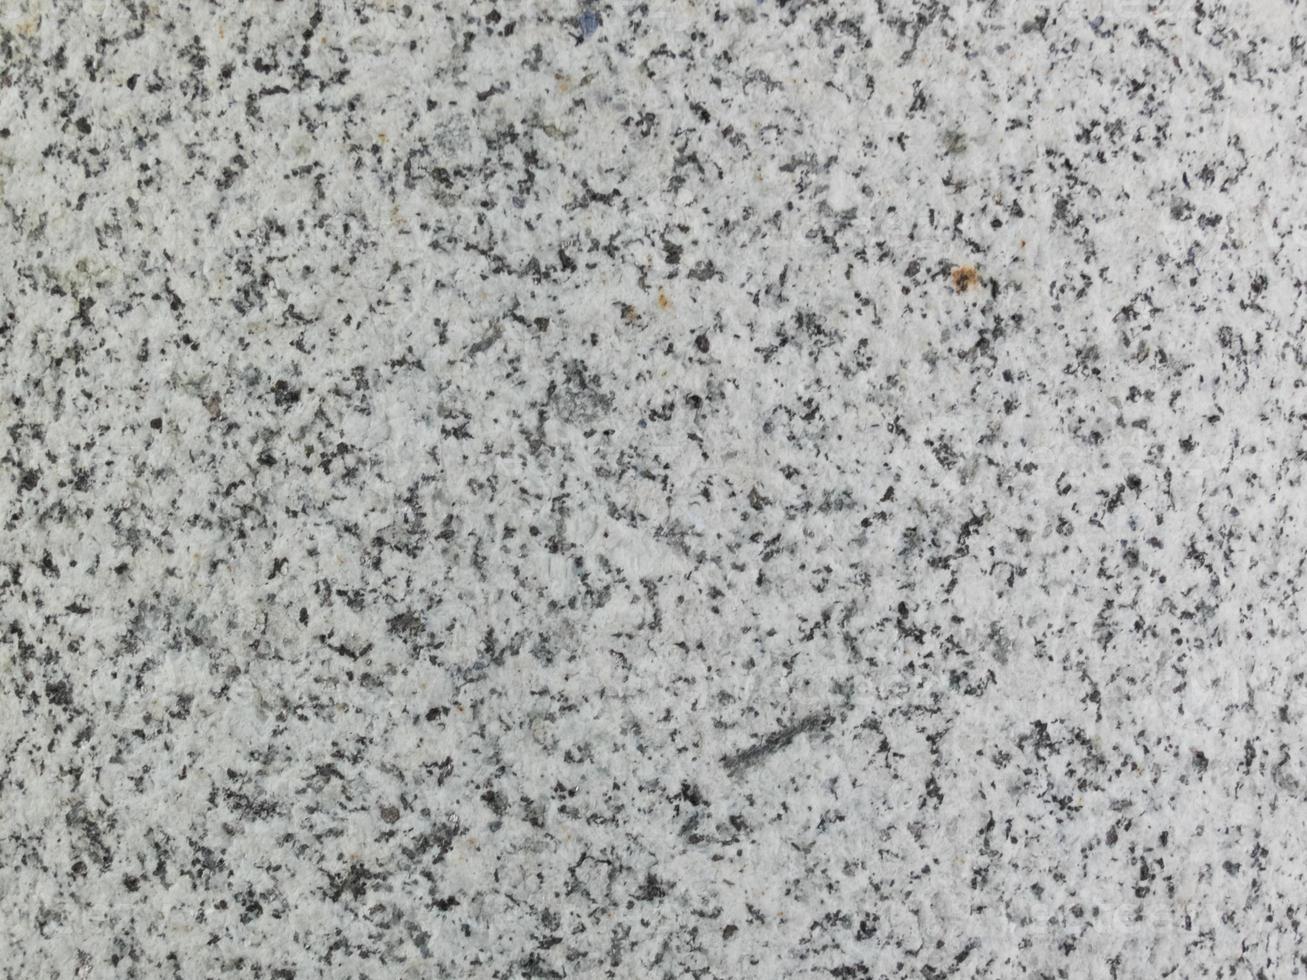 granito pulido (primer plano) foto